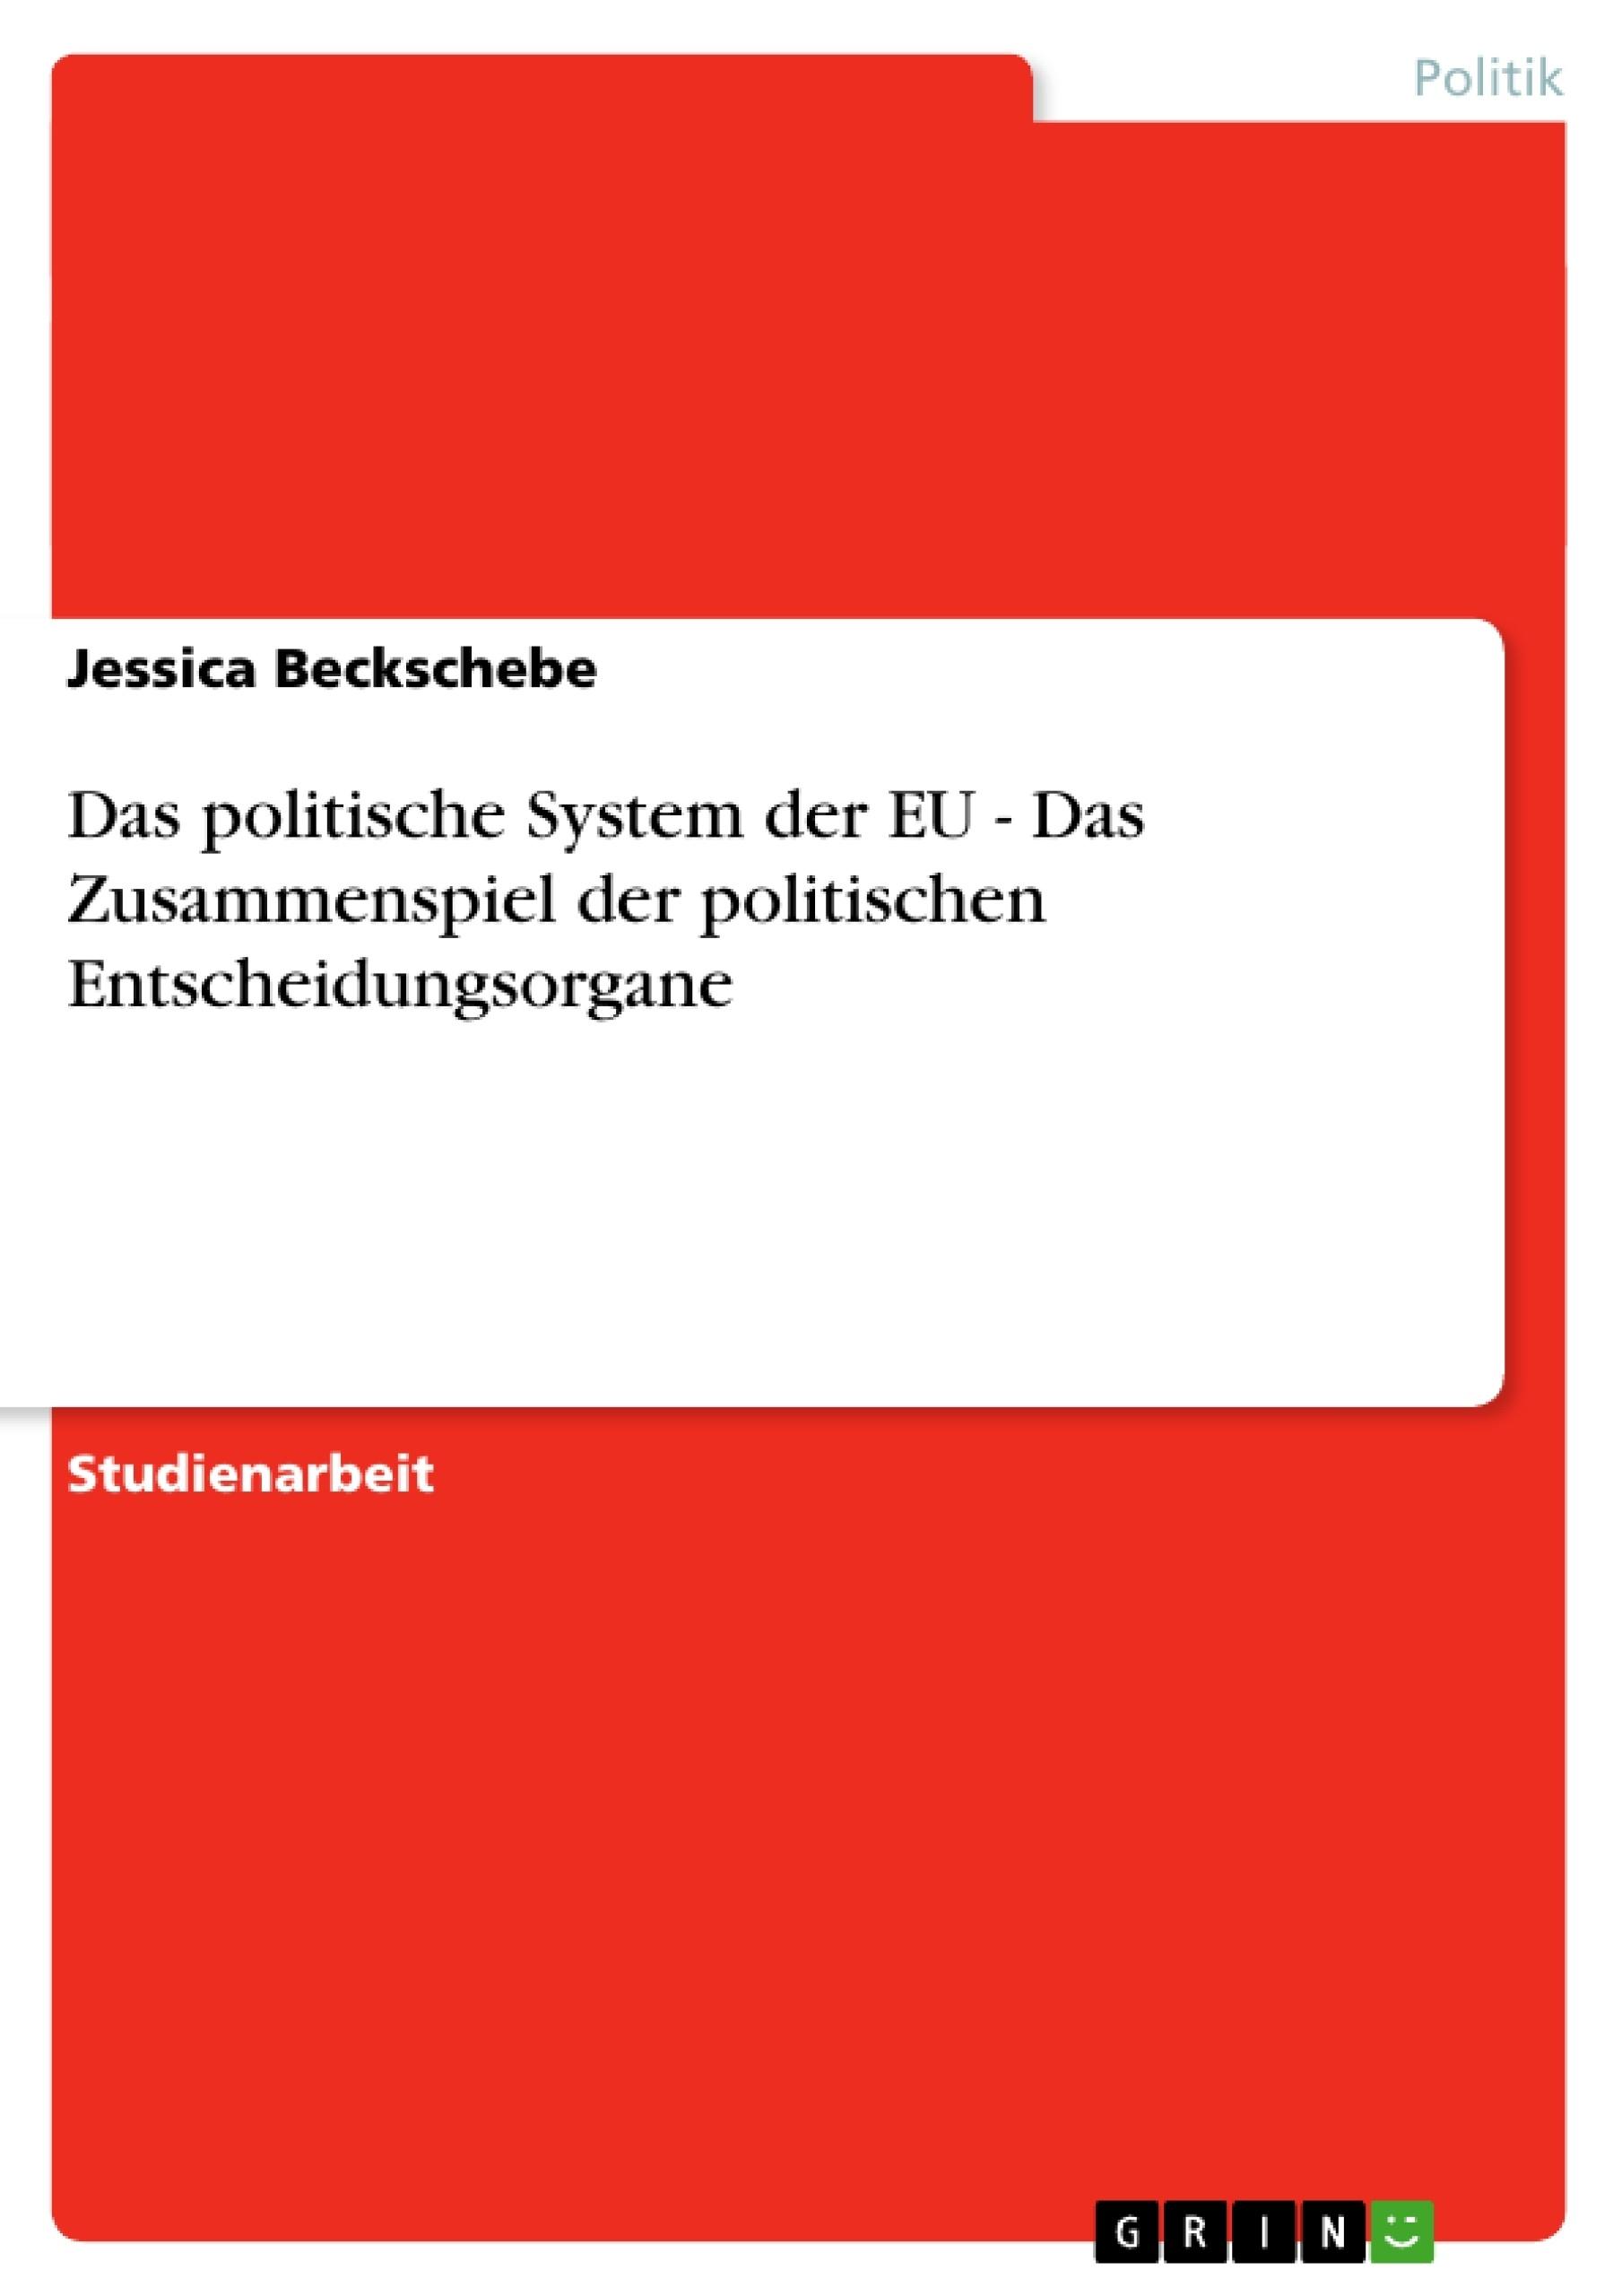 Titel: Das politische System der EU - Das Zusammenspiel der politischen Entscheidungsorgane